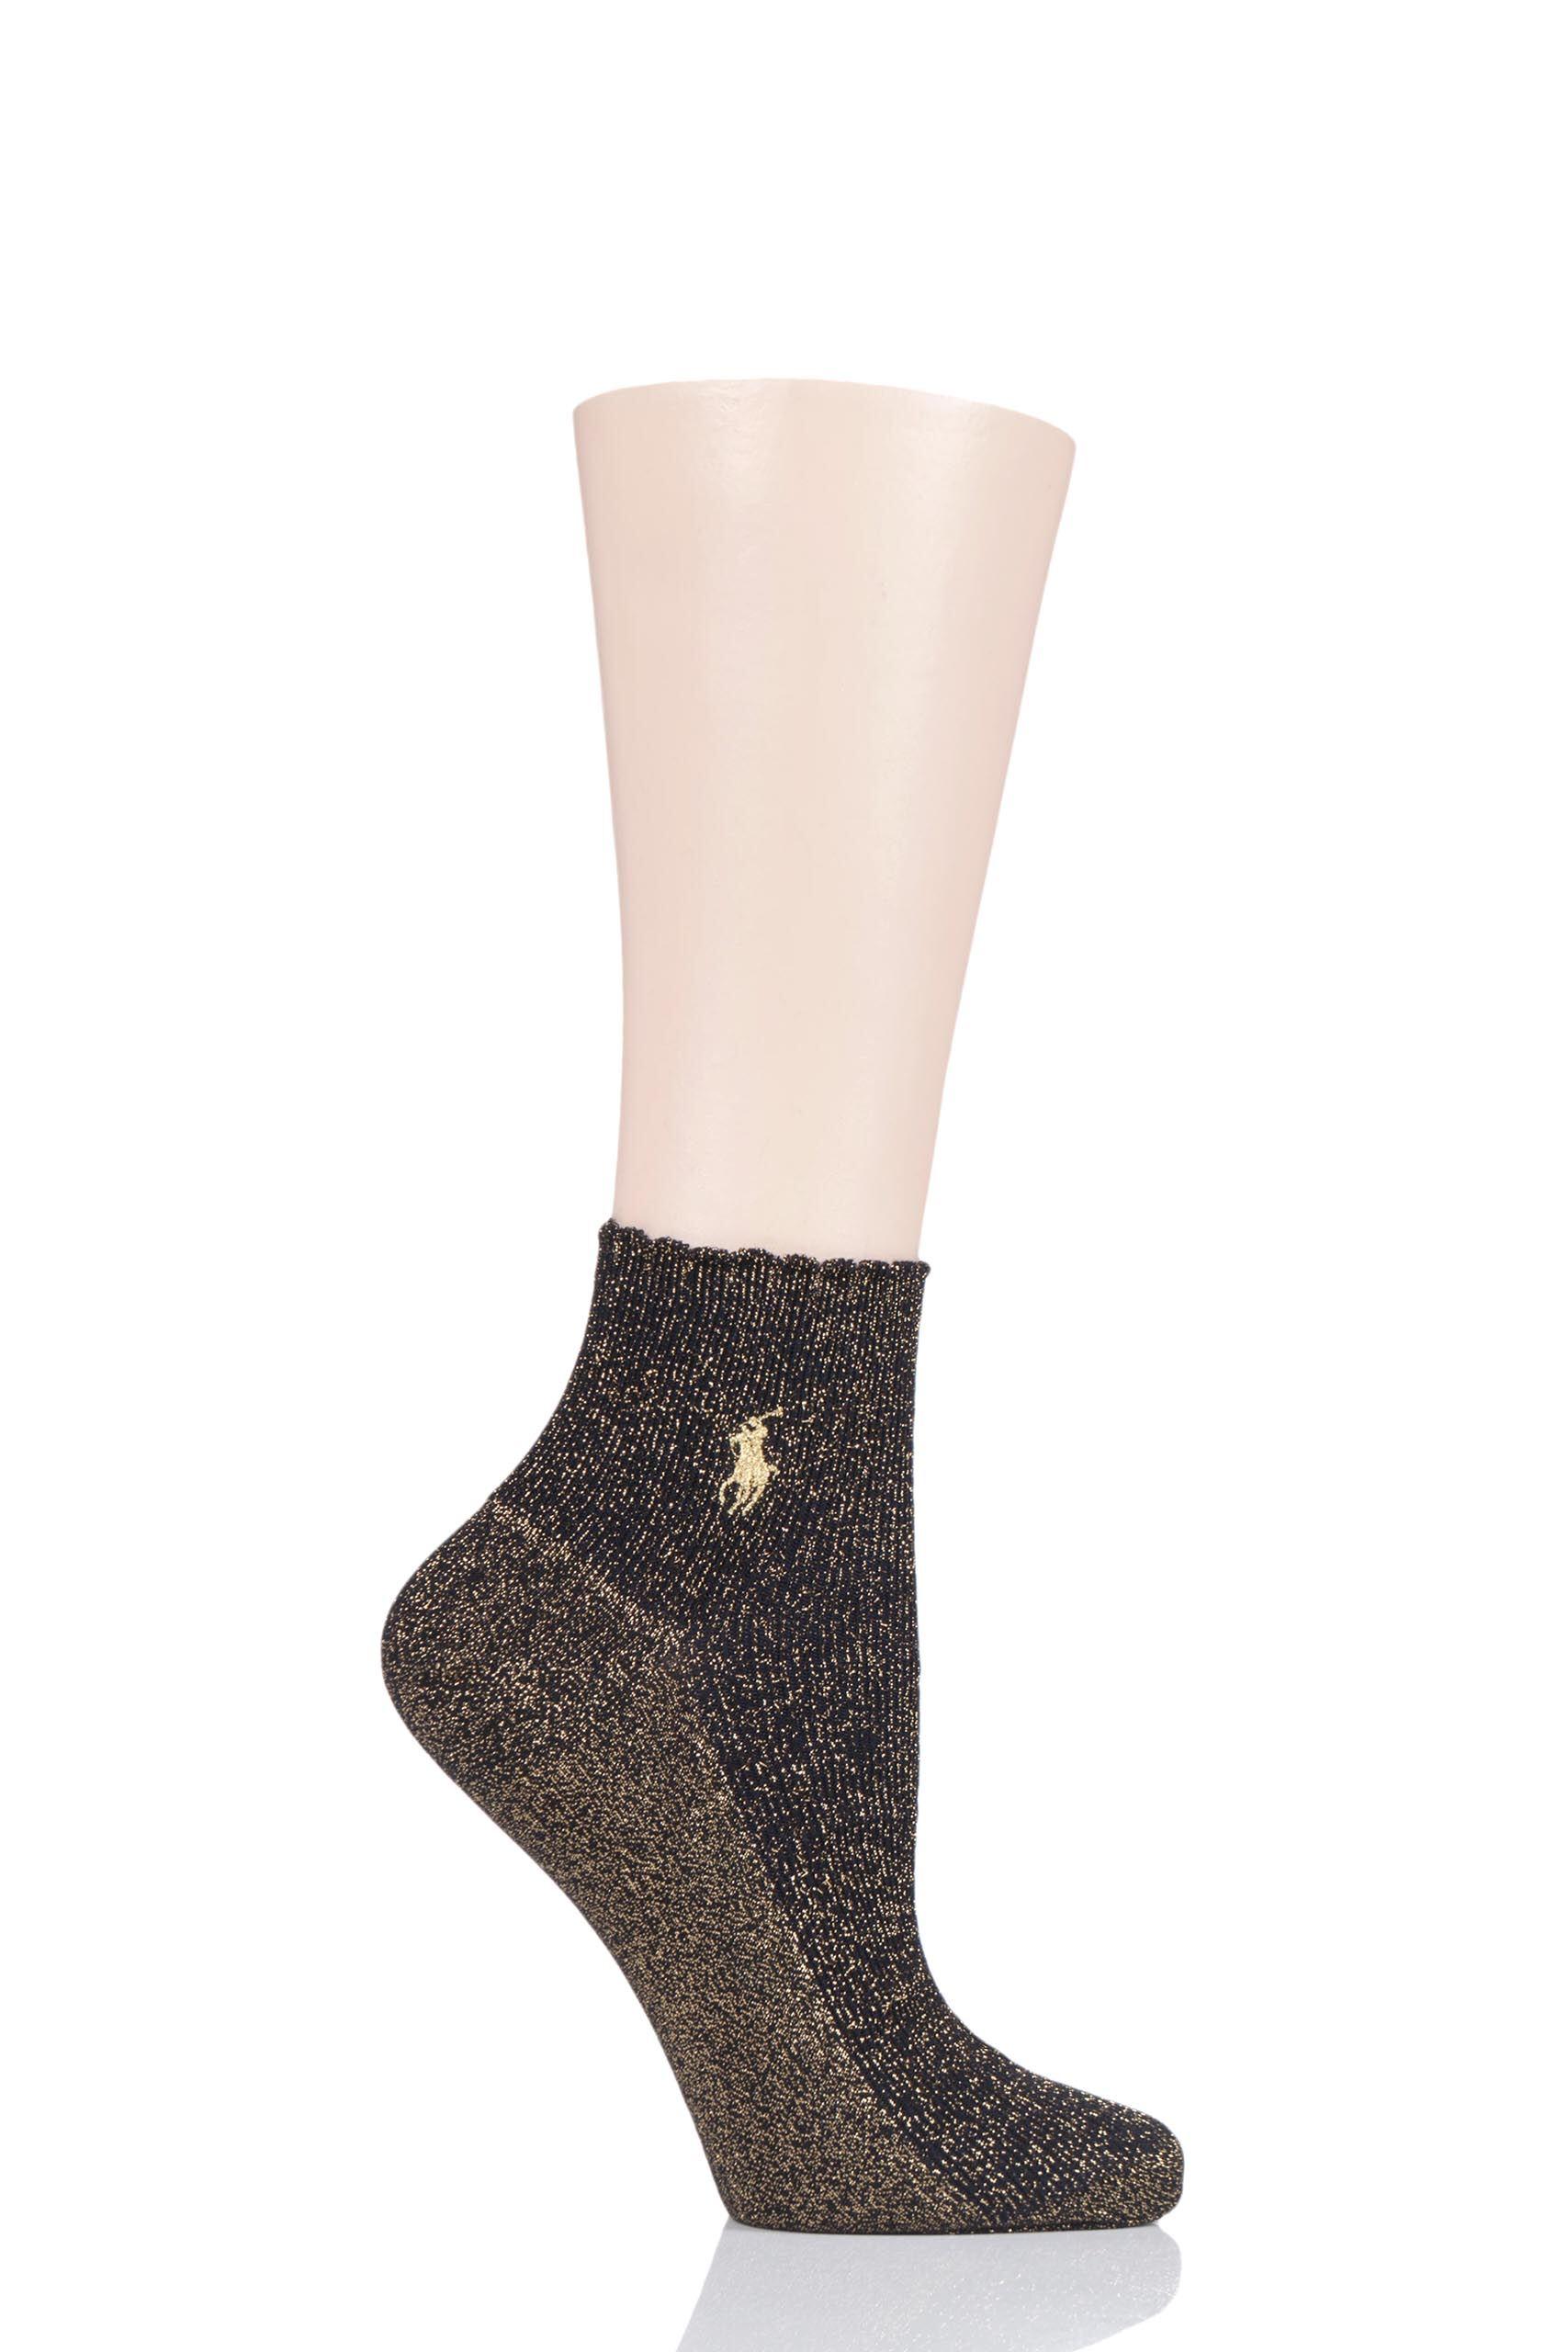 Image of 1 Pair Black Scallop Top Lurex Ankle Socks Ladies 4-7 Ladies - Ralph Lauren